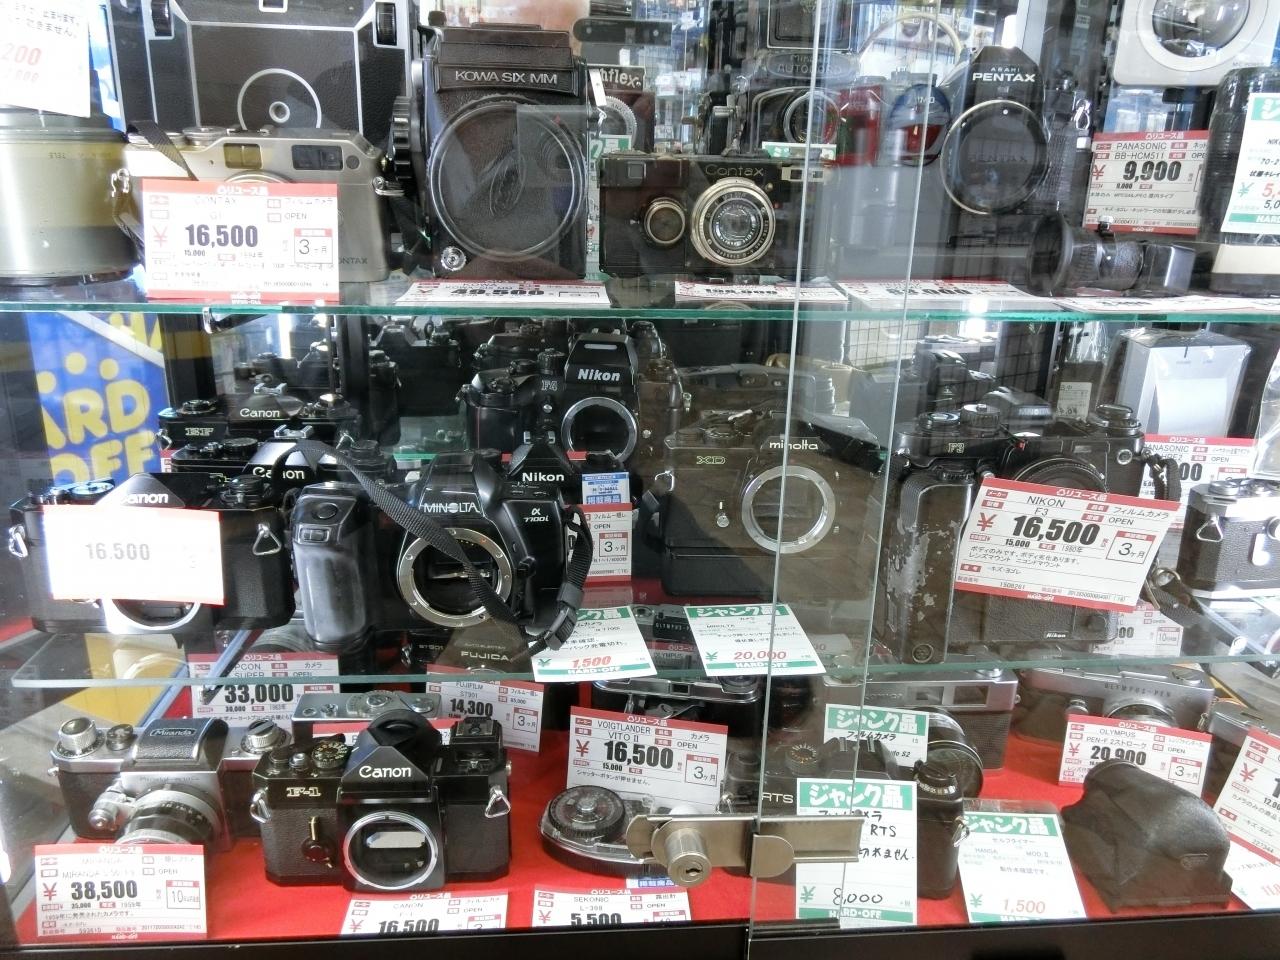 2019.12 小湊鉄道トロッコ列車&ジャンク品330円のカメラは写ルンですか?の巻